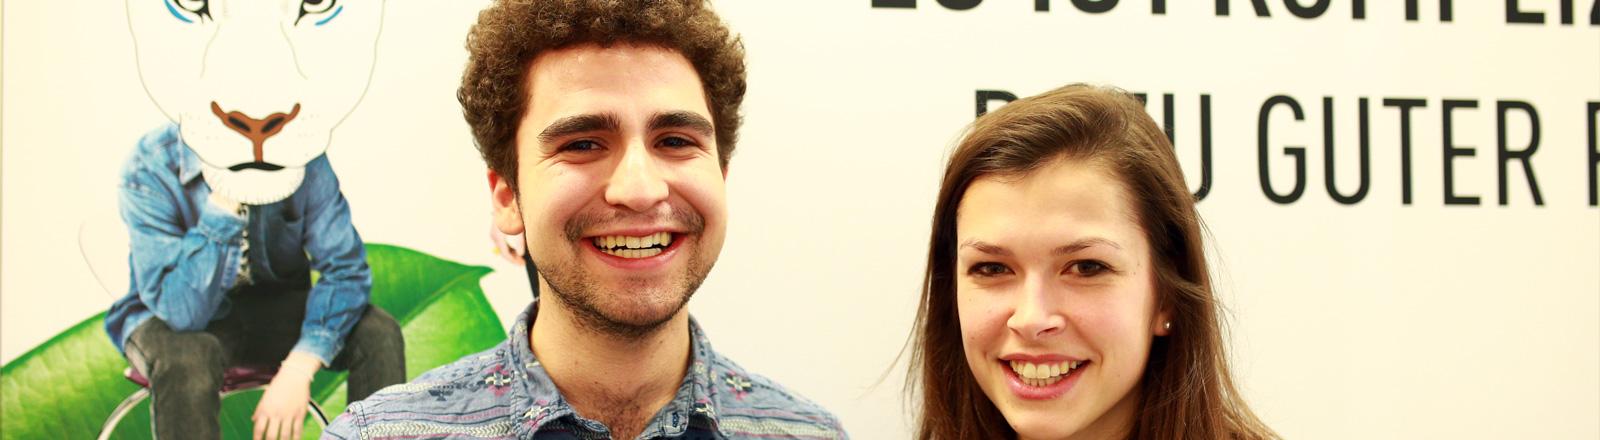 Carina Lange und Alexander Kauschanski sind Jugenddelegierte der Vereinten Nationen